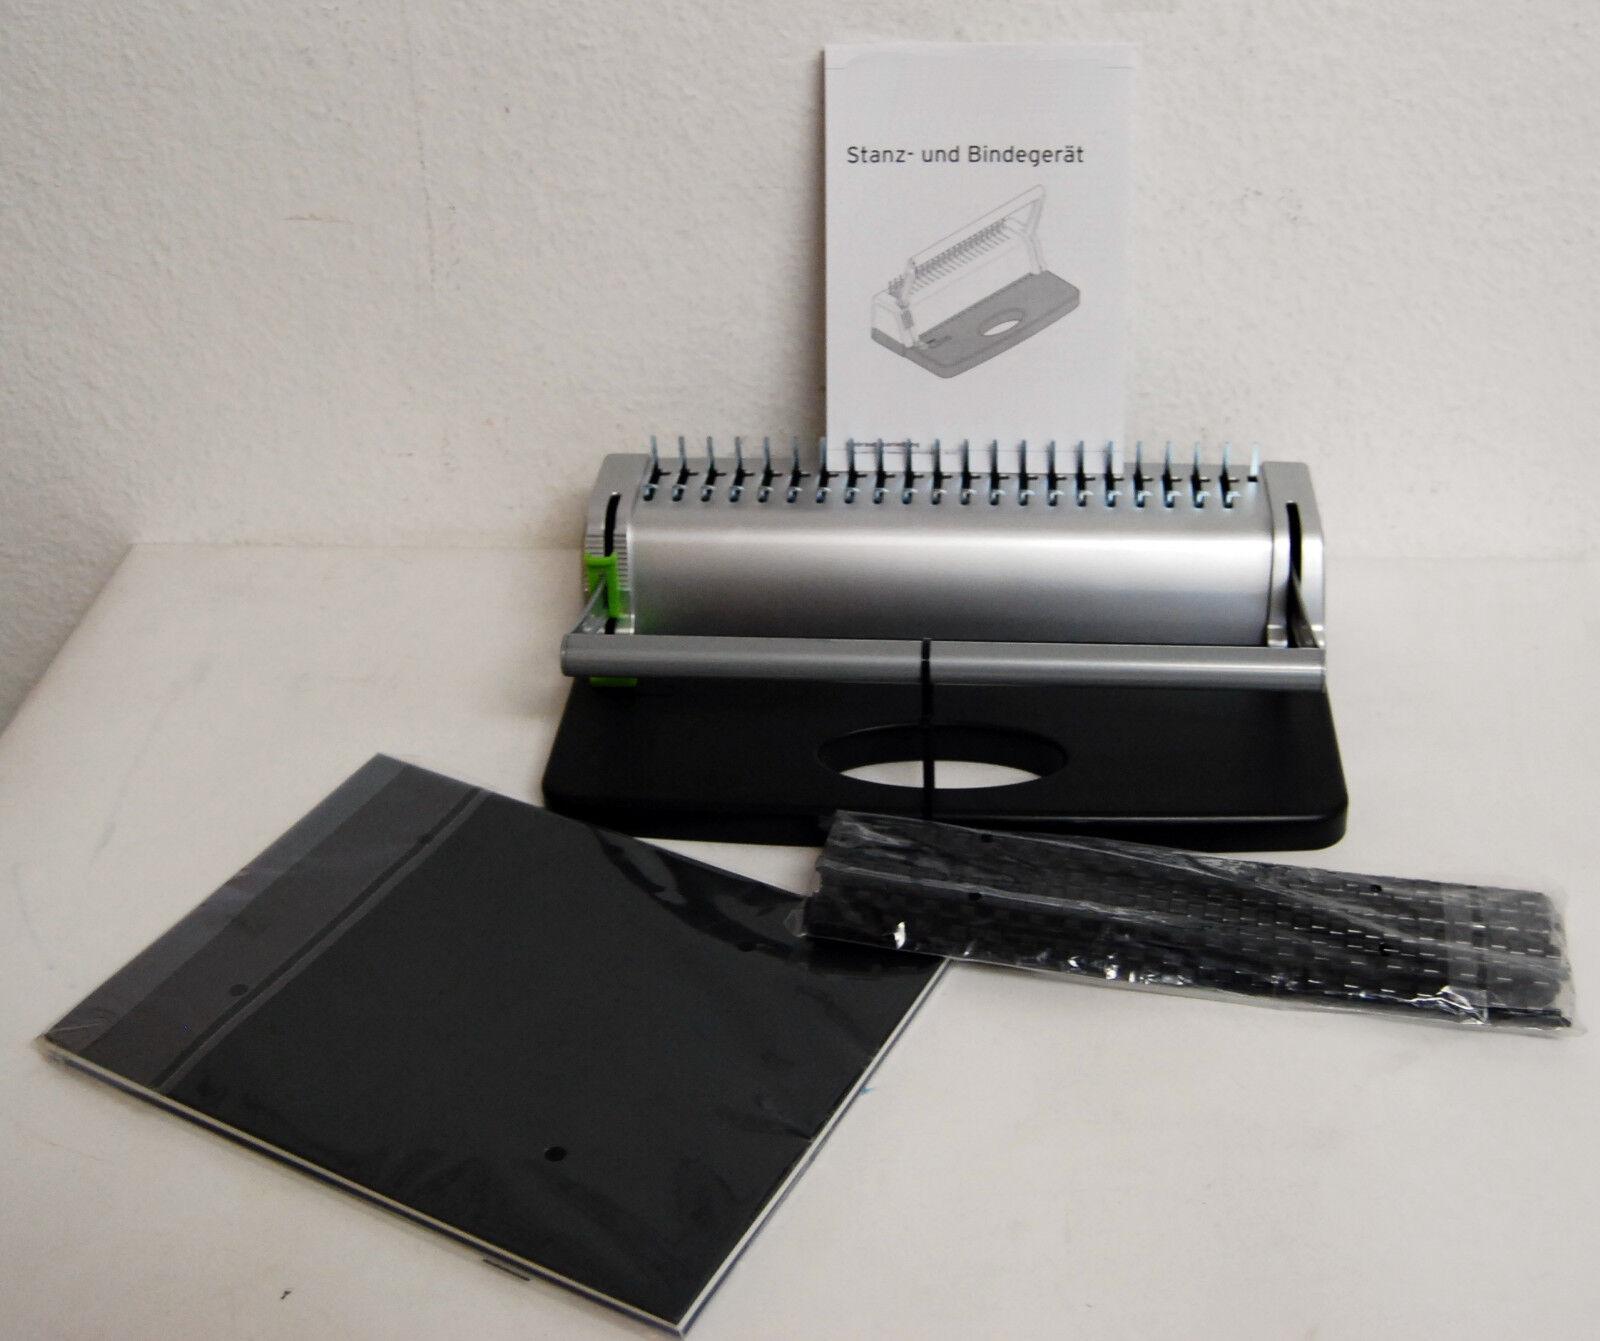 Stanz und Bindegerät bis 145 Blatt, inkl. 40 teiligem Starterset NEU / OVP